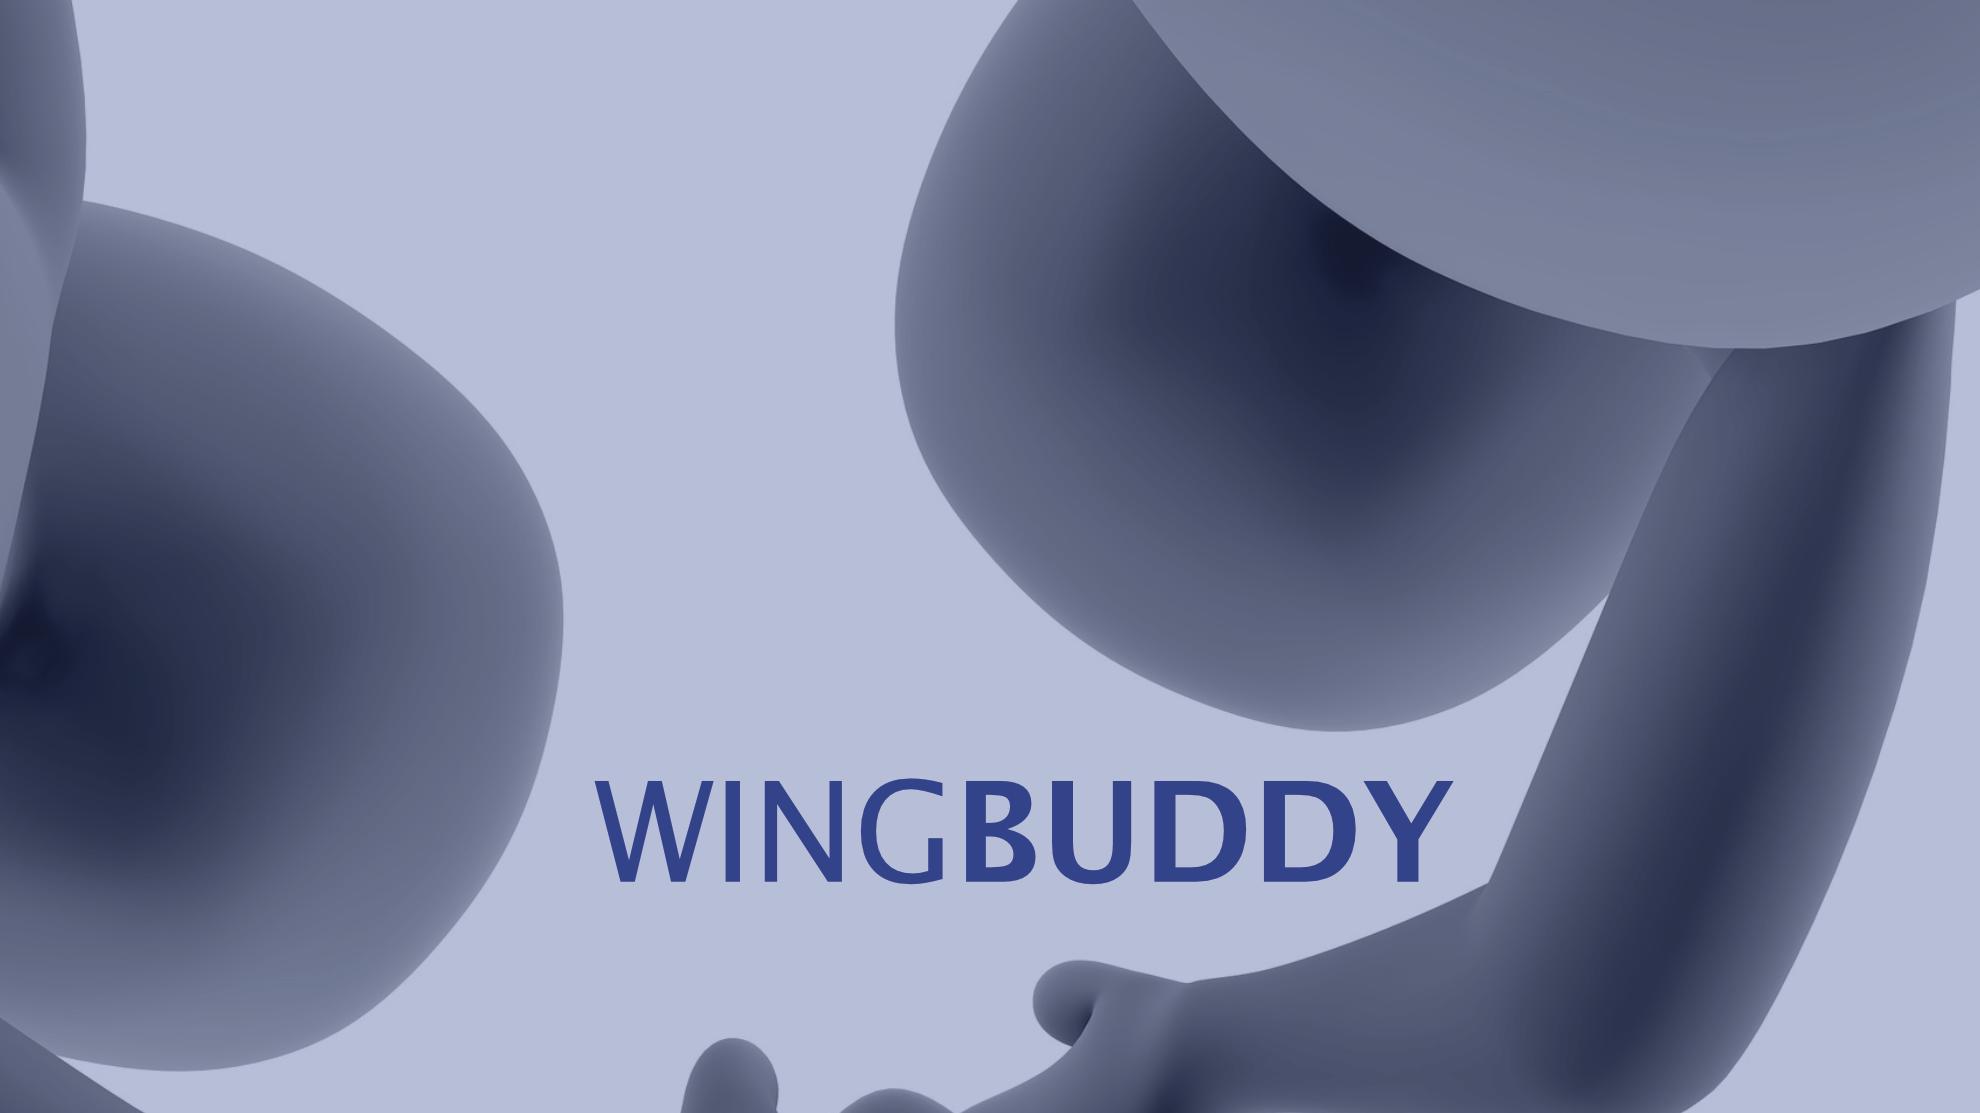 Wingbuddy_Header